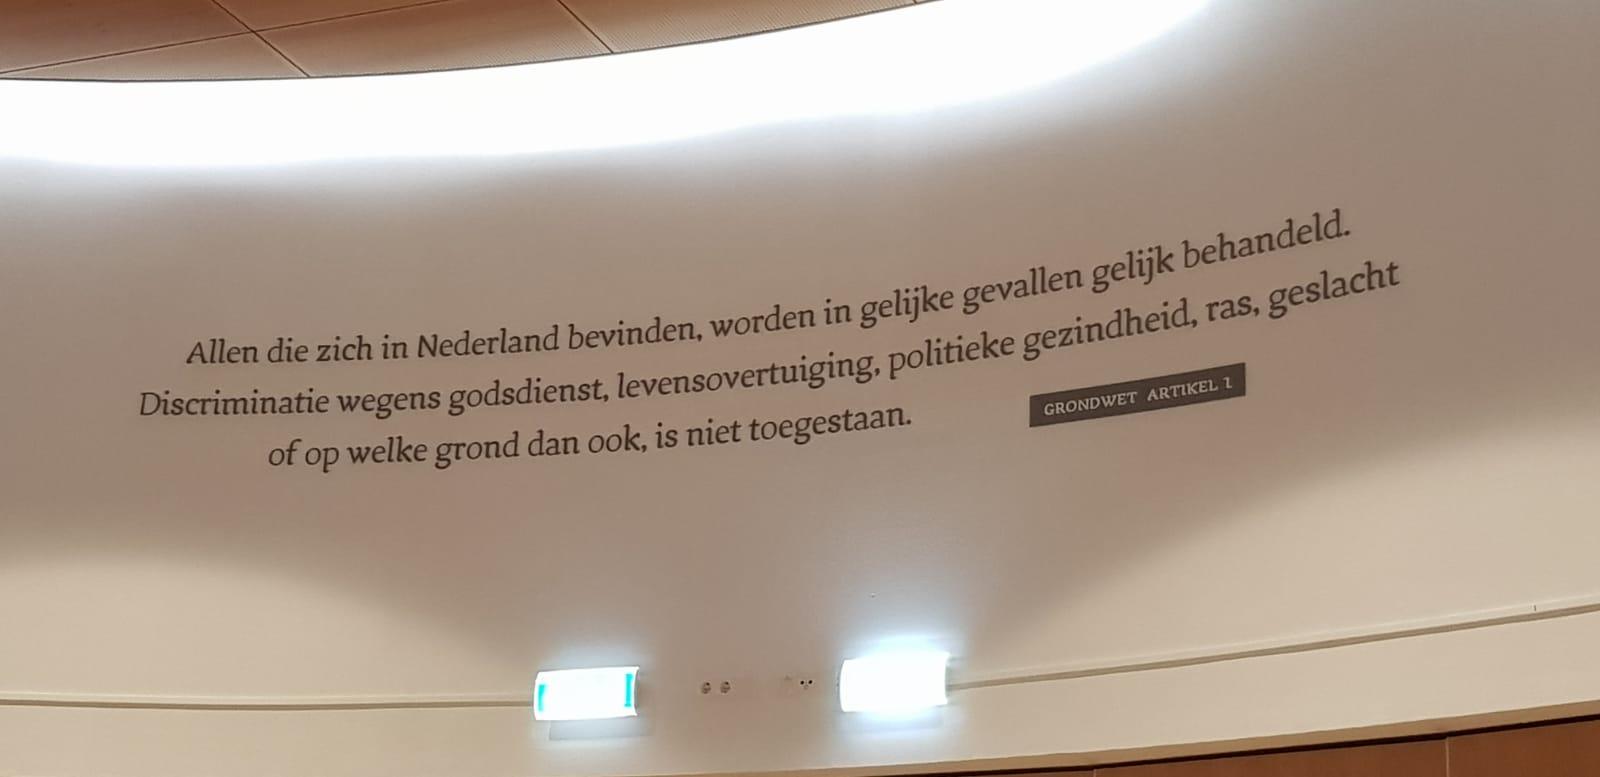 Raadsleden gemeente Kampen geven artikel 1 van de Grondwet prominente plek in raadzaal stadhuis